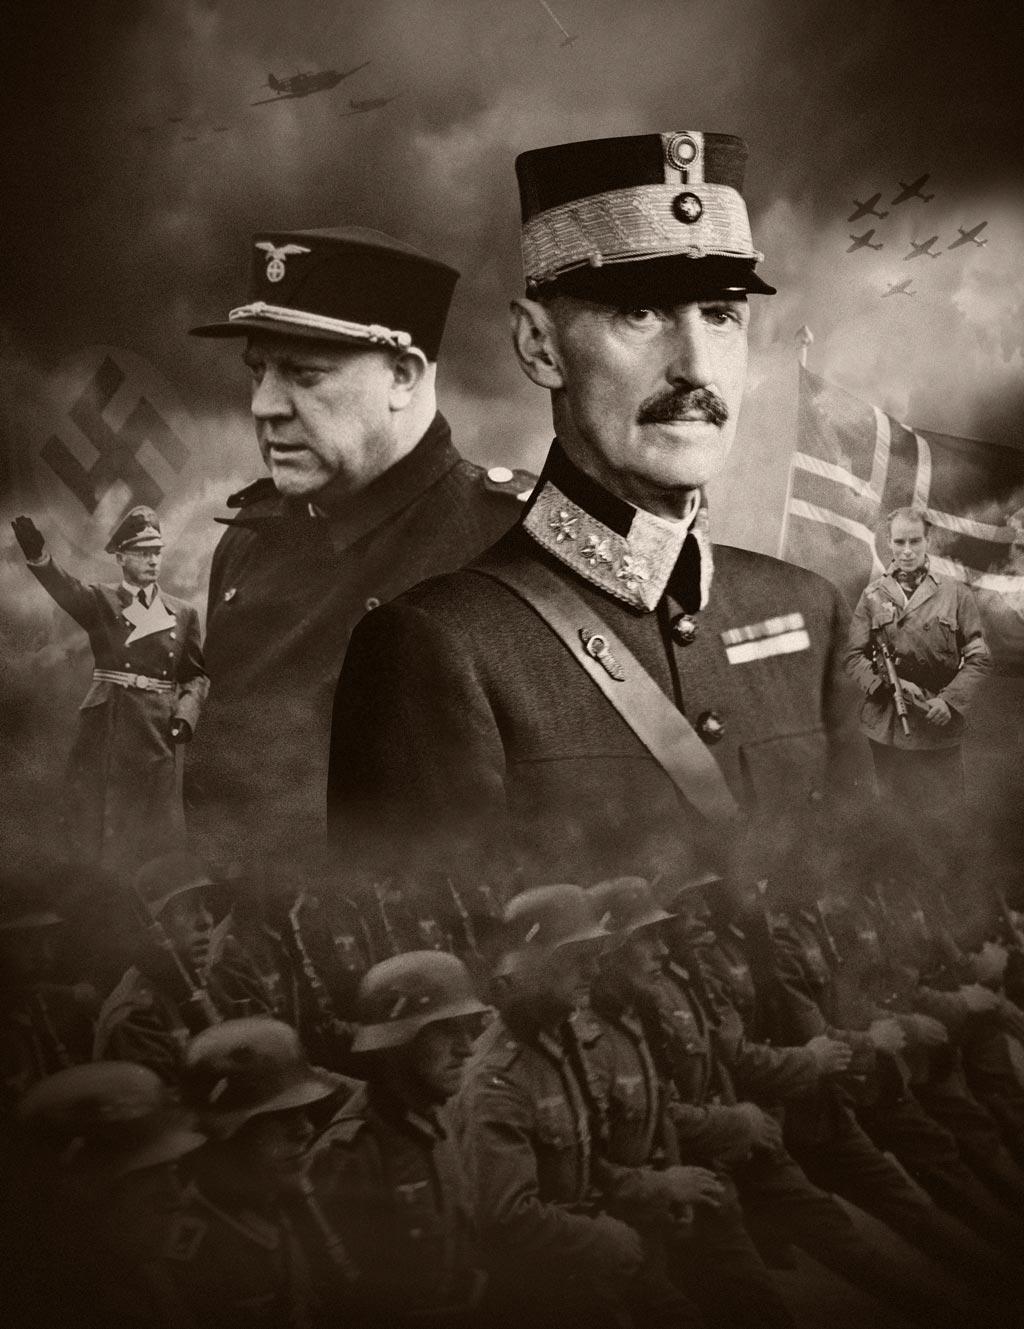 Krigens skjebner plakatbilde stående